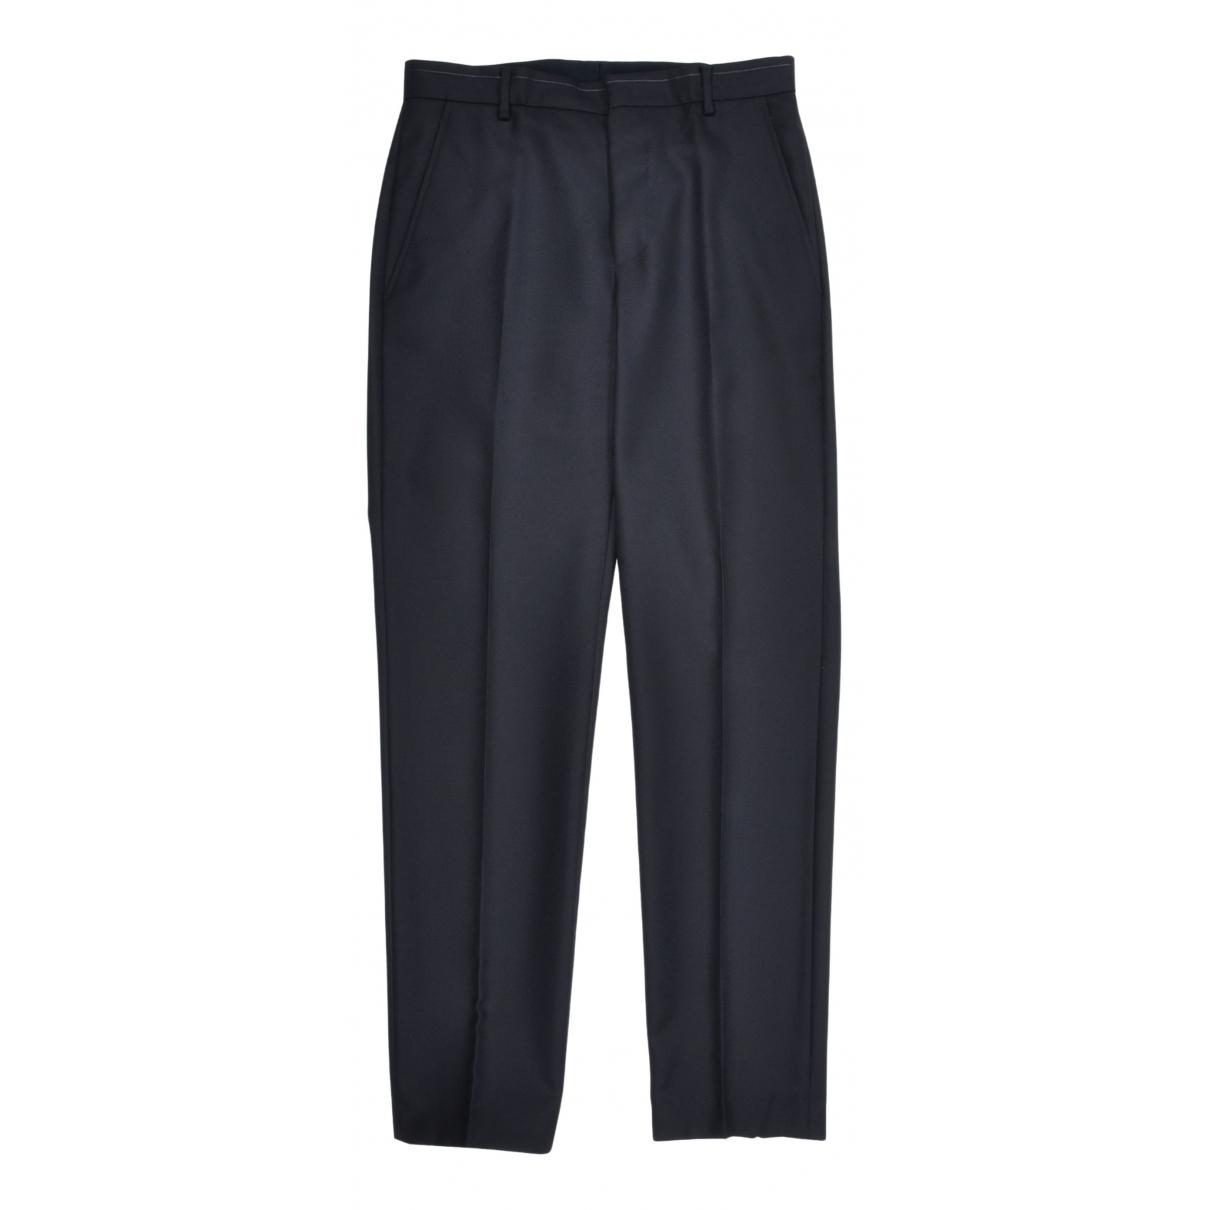 Pantalon de Lana Lanvin